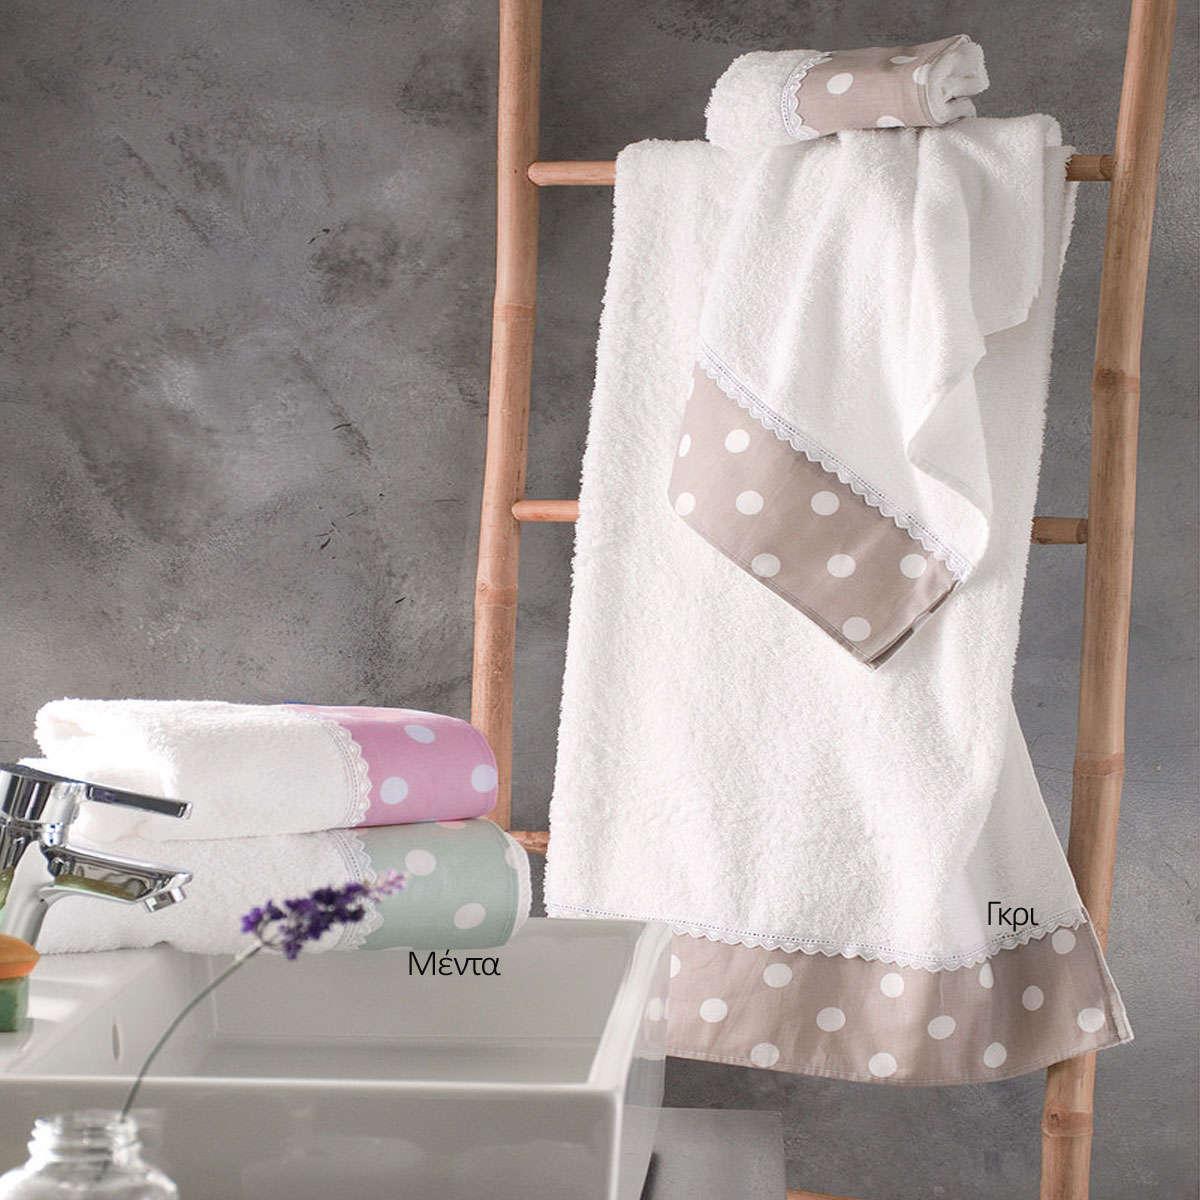 Πετσέτες Σετ 3τμχ Σε Σακούλα Soft Μέντα Ρυθμός Σετ Πετσέτες